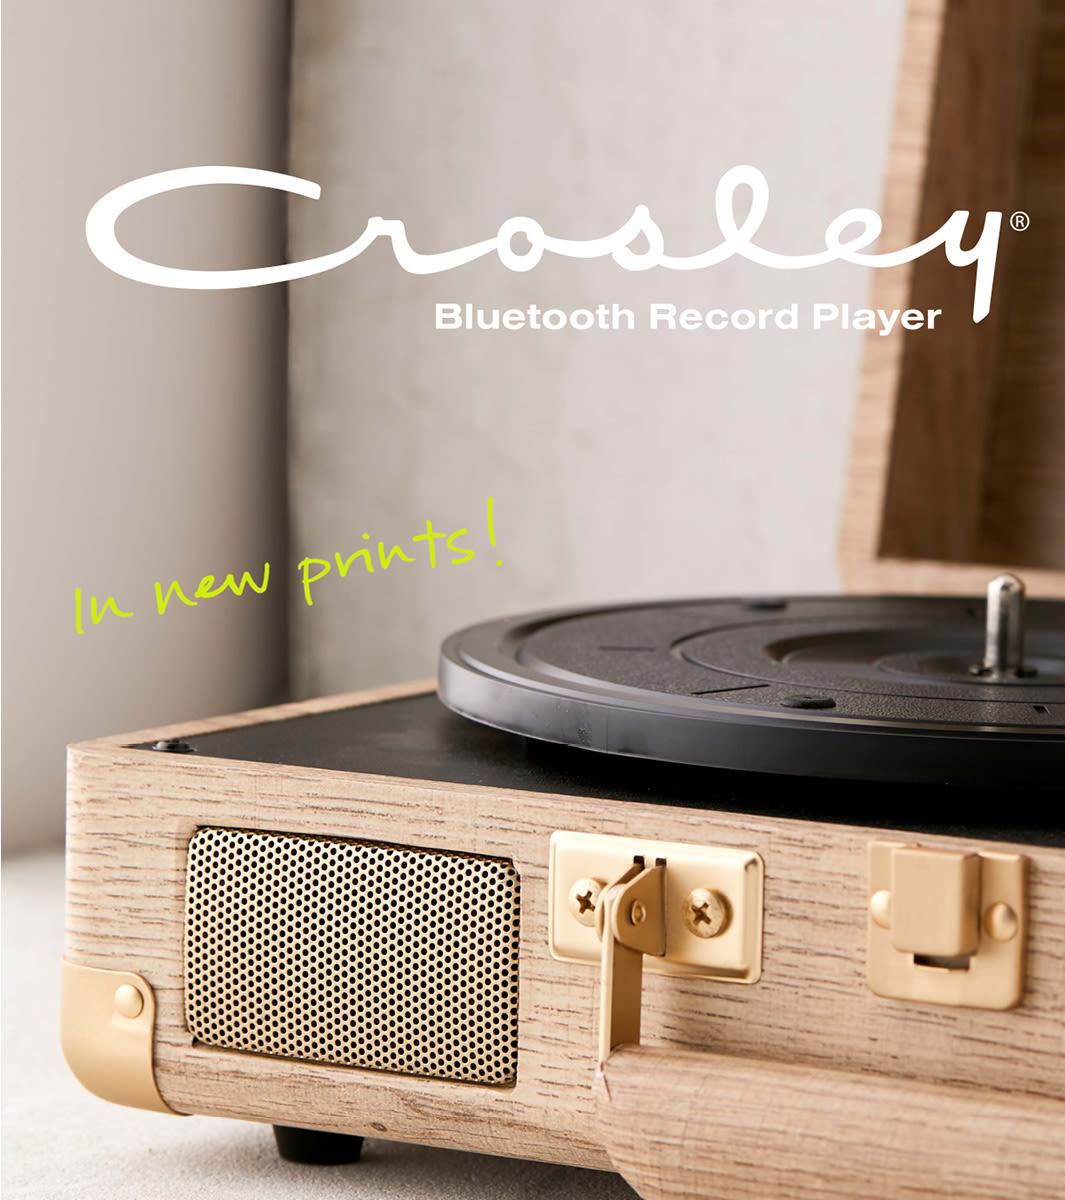 5b1a56dda46 Crosley Cruiser Bluetooth Record Player